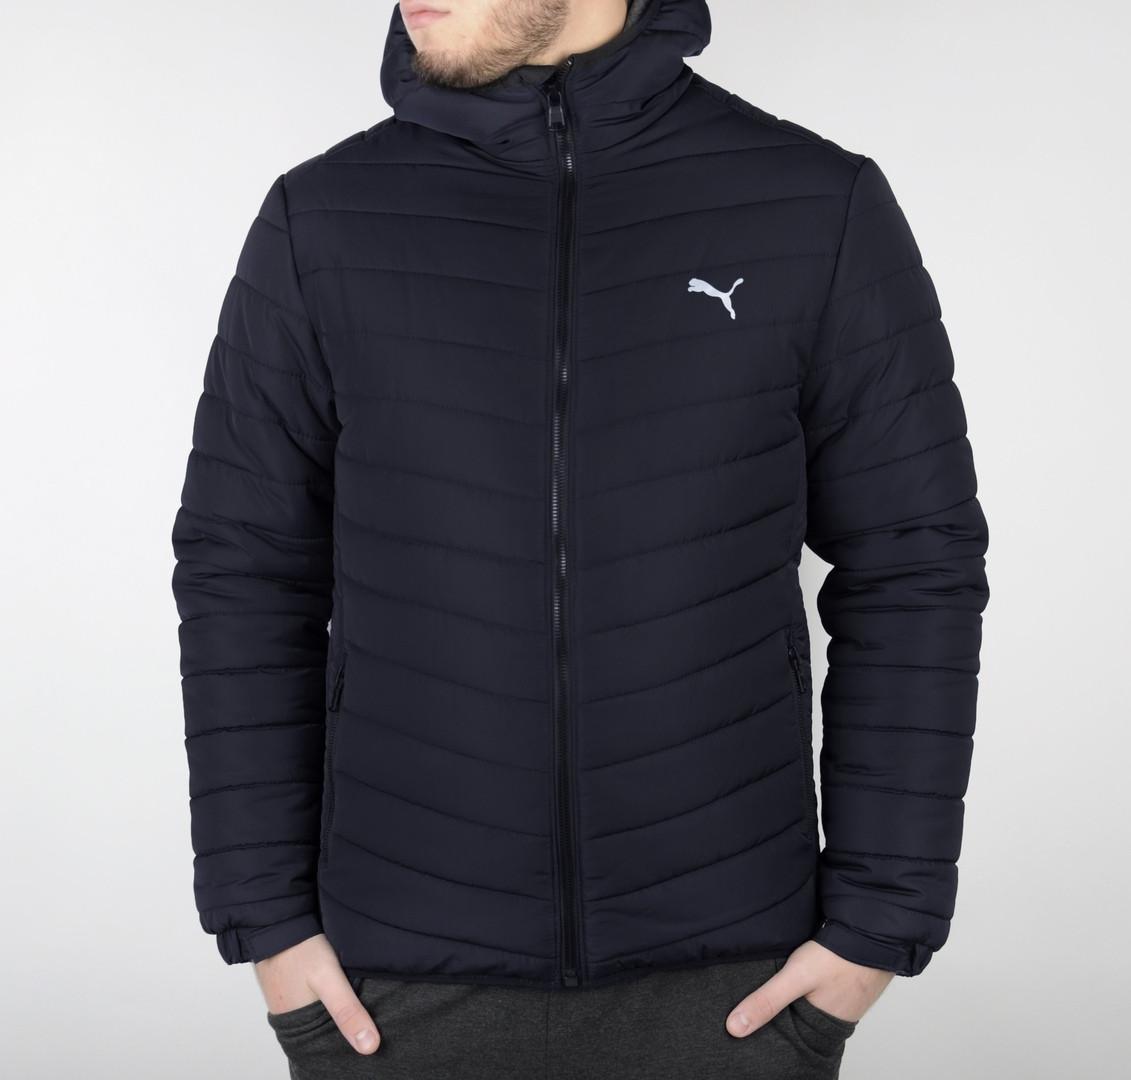 Мужская зимняя куртка Puma (dark blue), синяя мужская куртка Puma